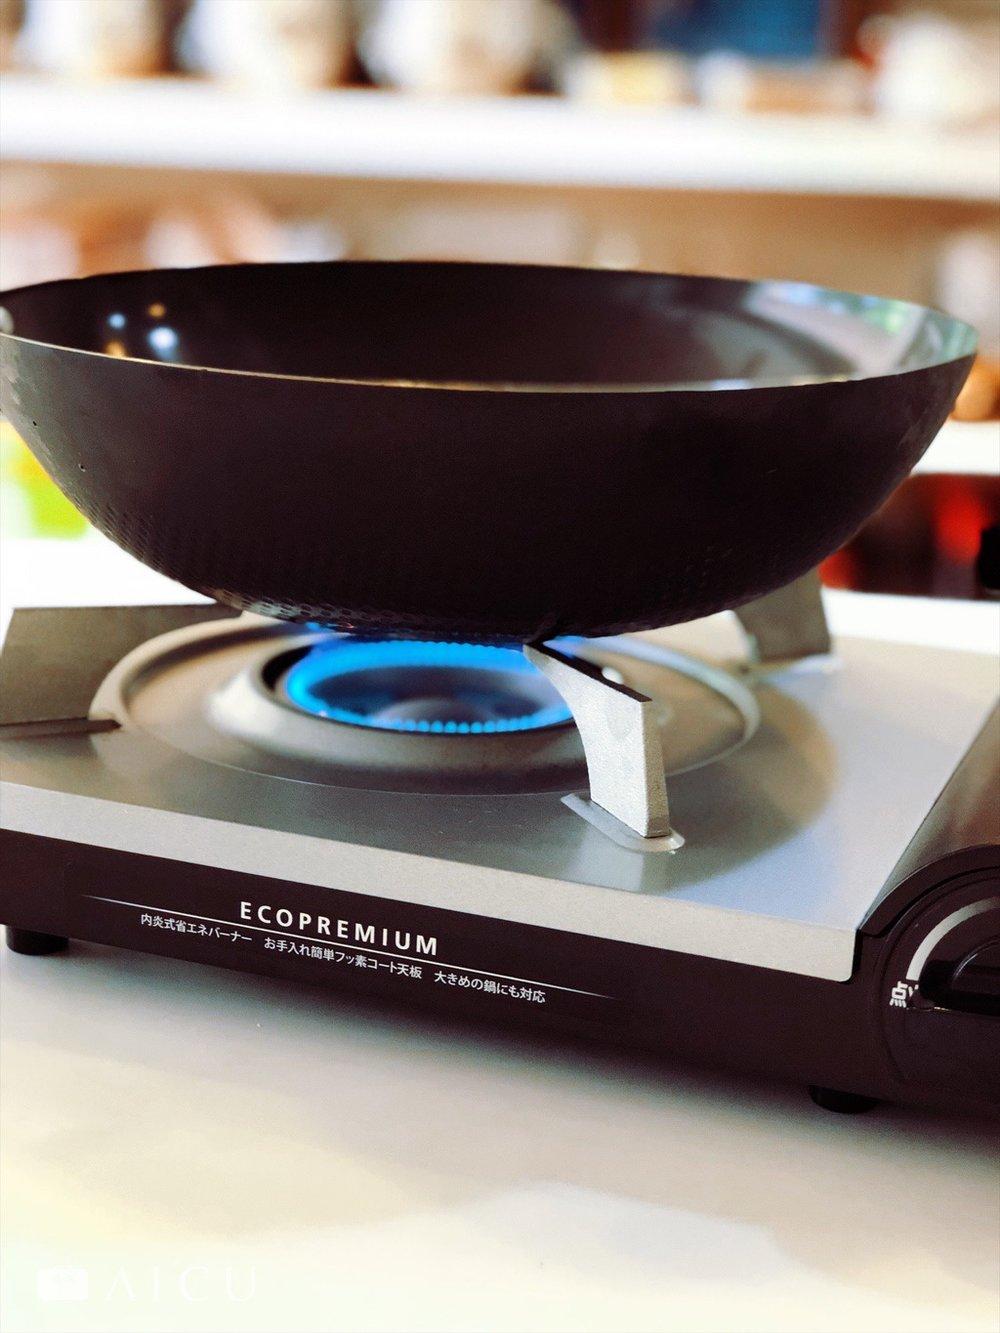 比如像使用神器鐵鍋,內炎式效率集中火力,效果更是相得益彰。